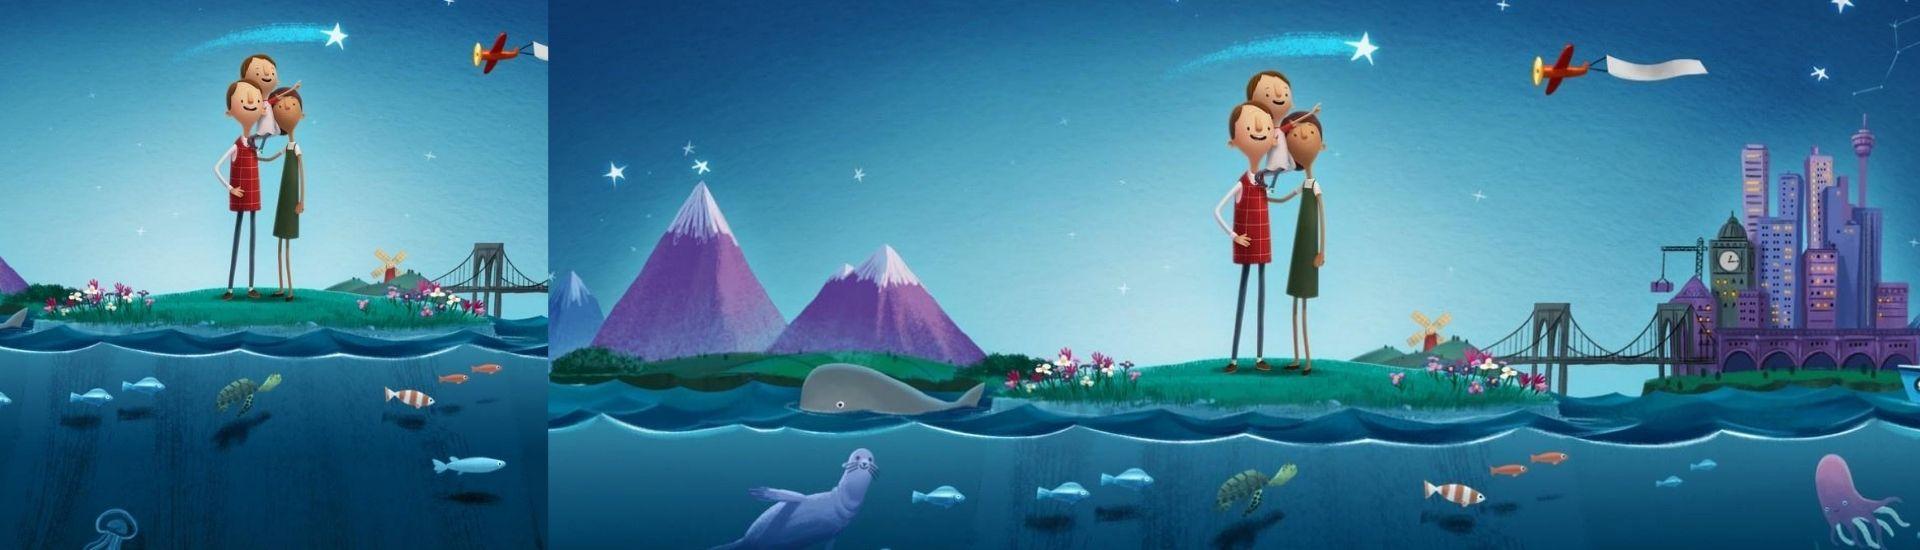 Ilustración que muestra a los protagonistas de la historia del corto en una parte del Planeta Tierra